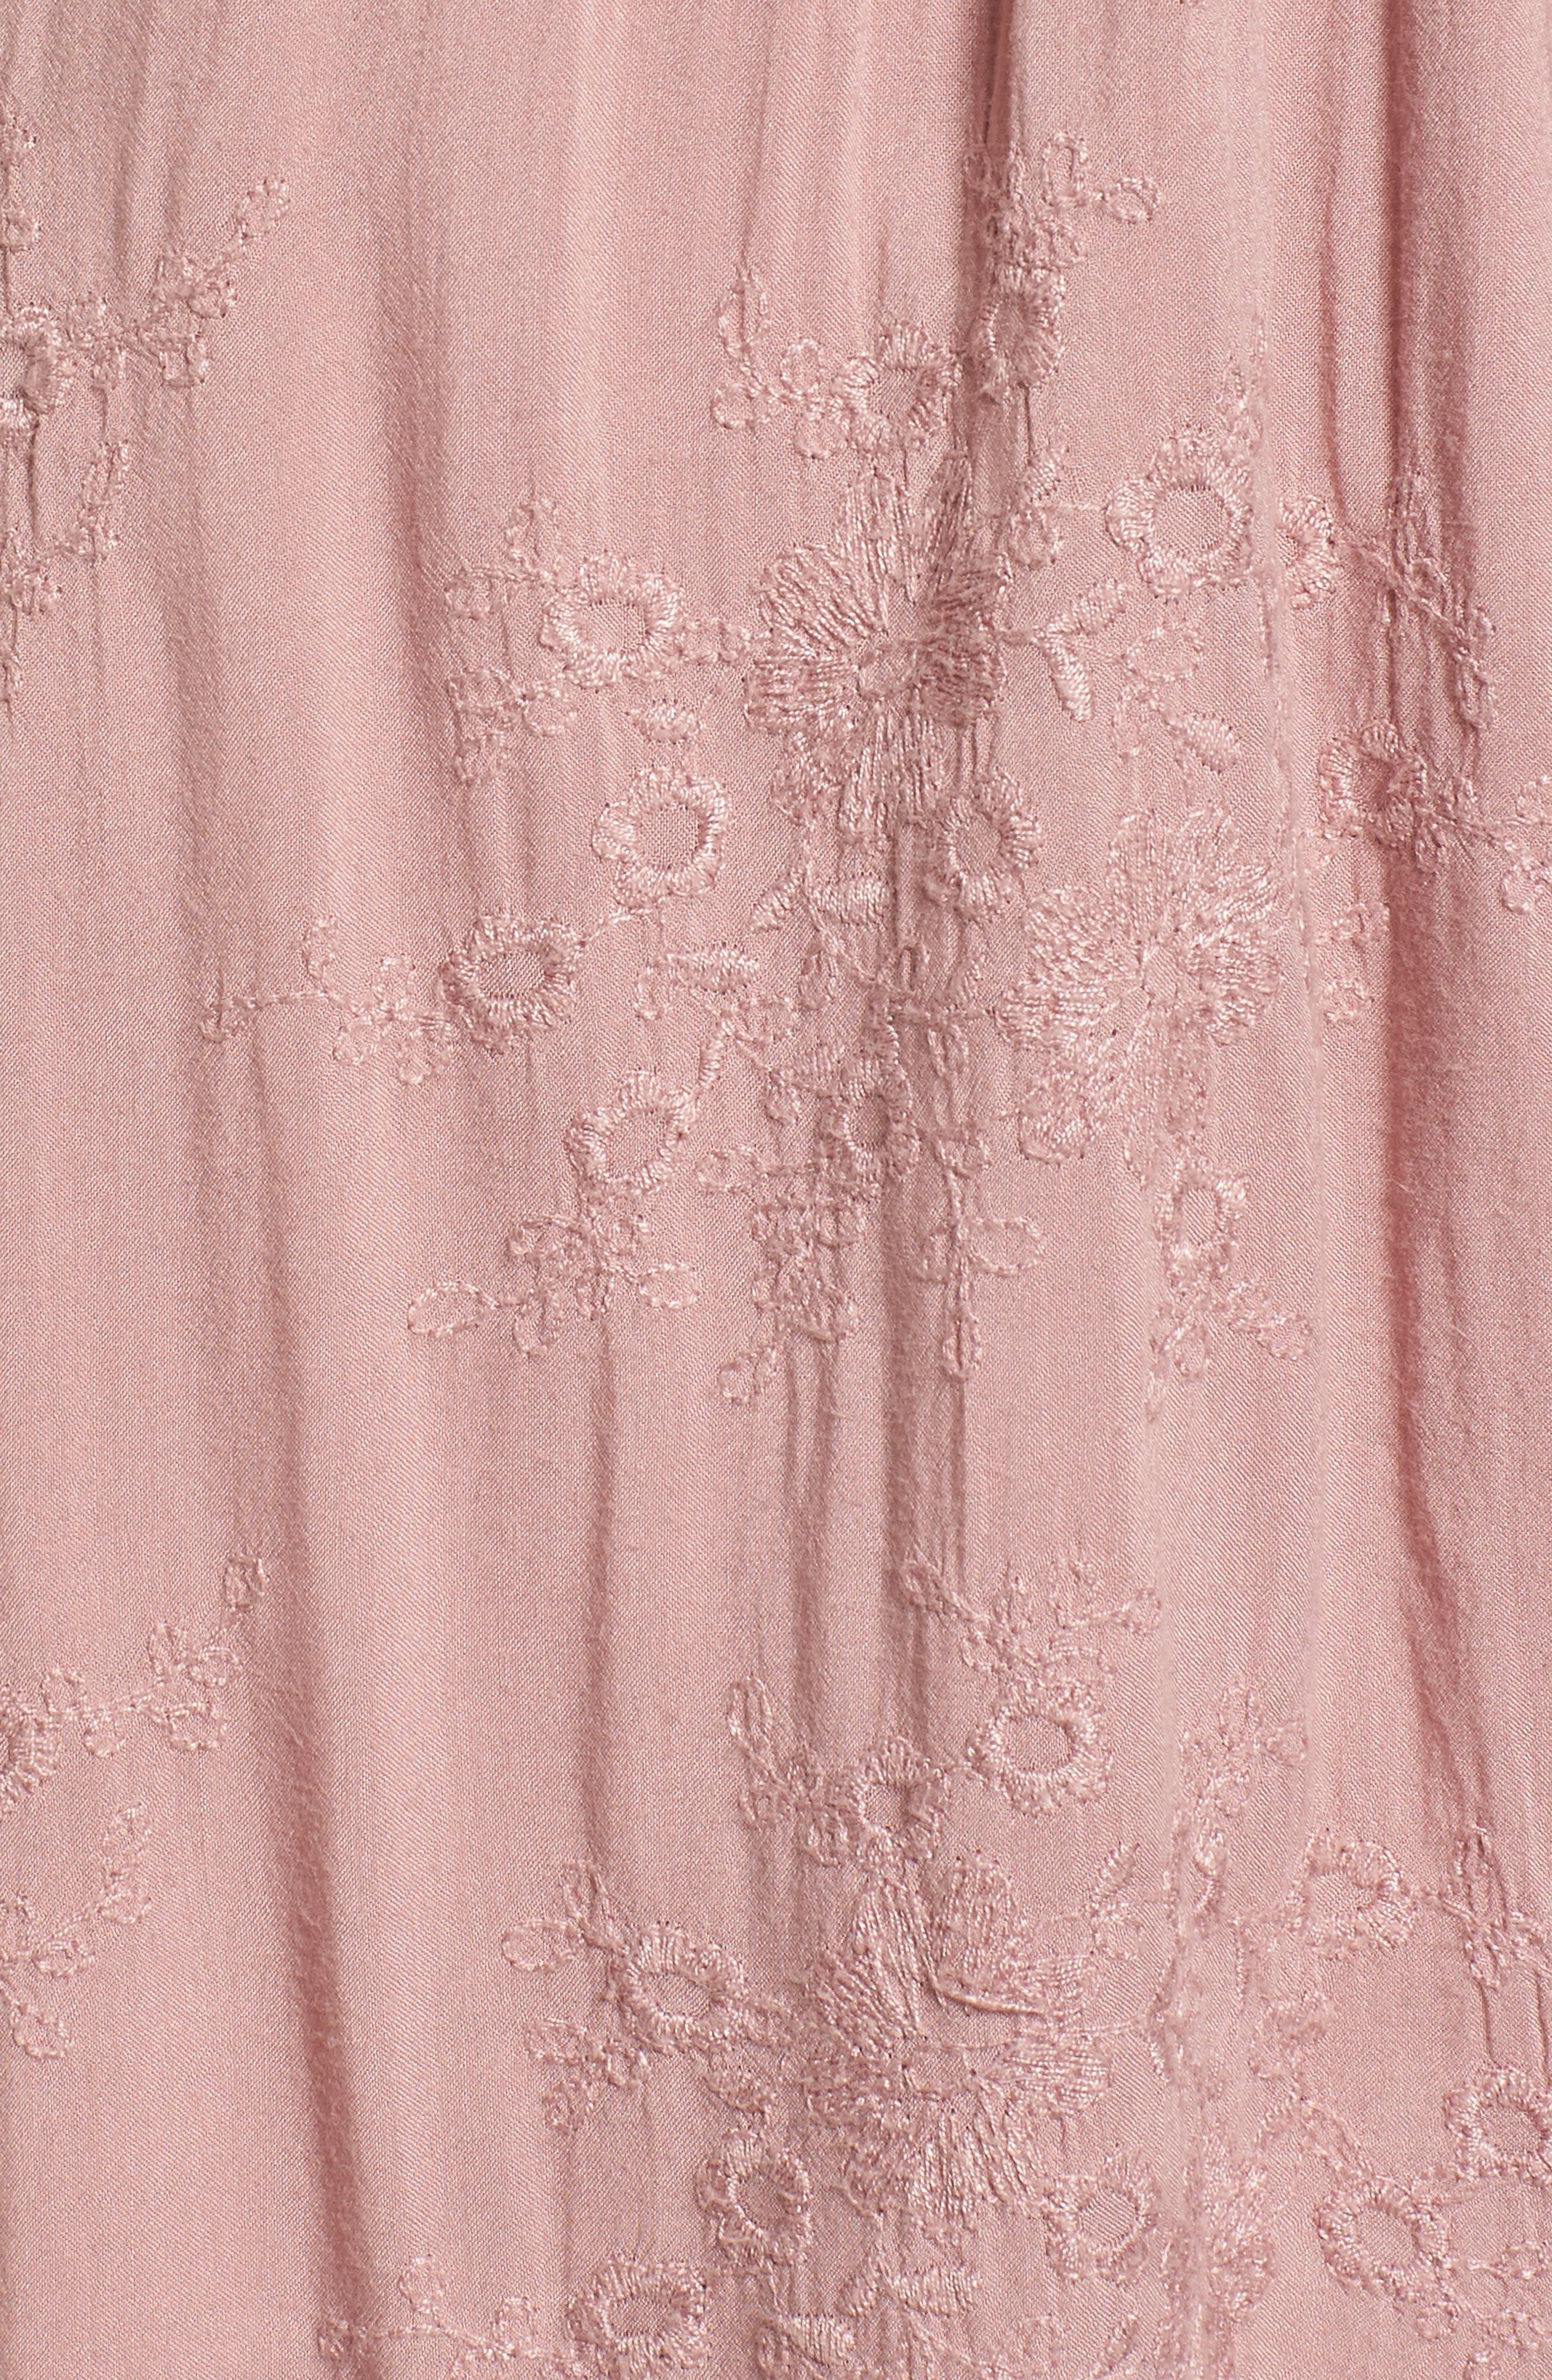 Rose Cold Shoulder High/Low Dress,                             Alternate thumbnail 5, color,                             651